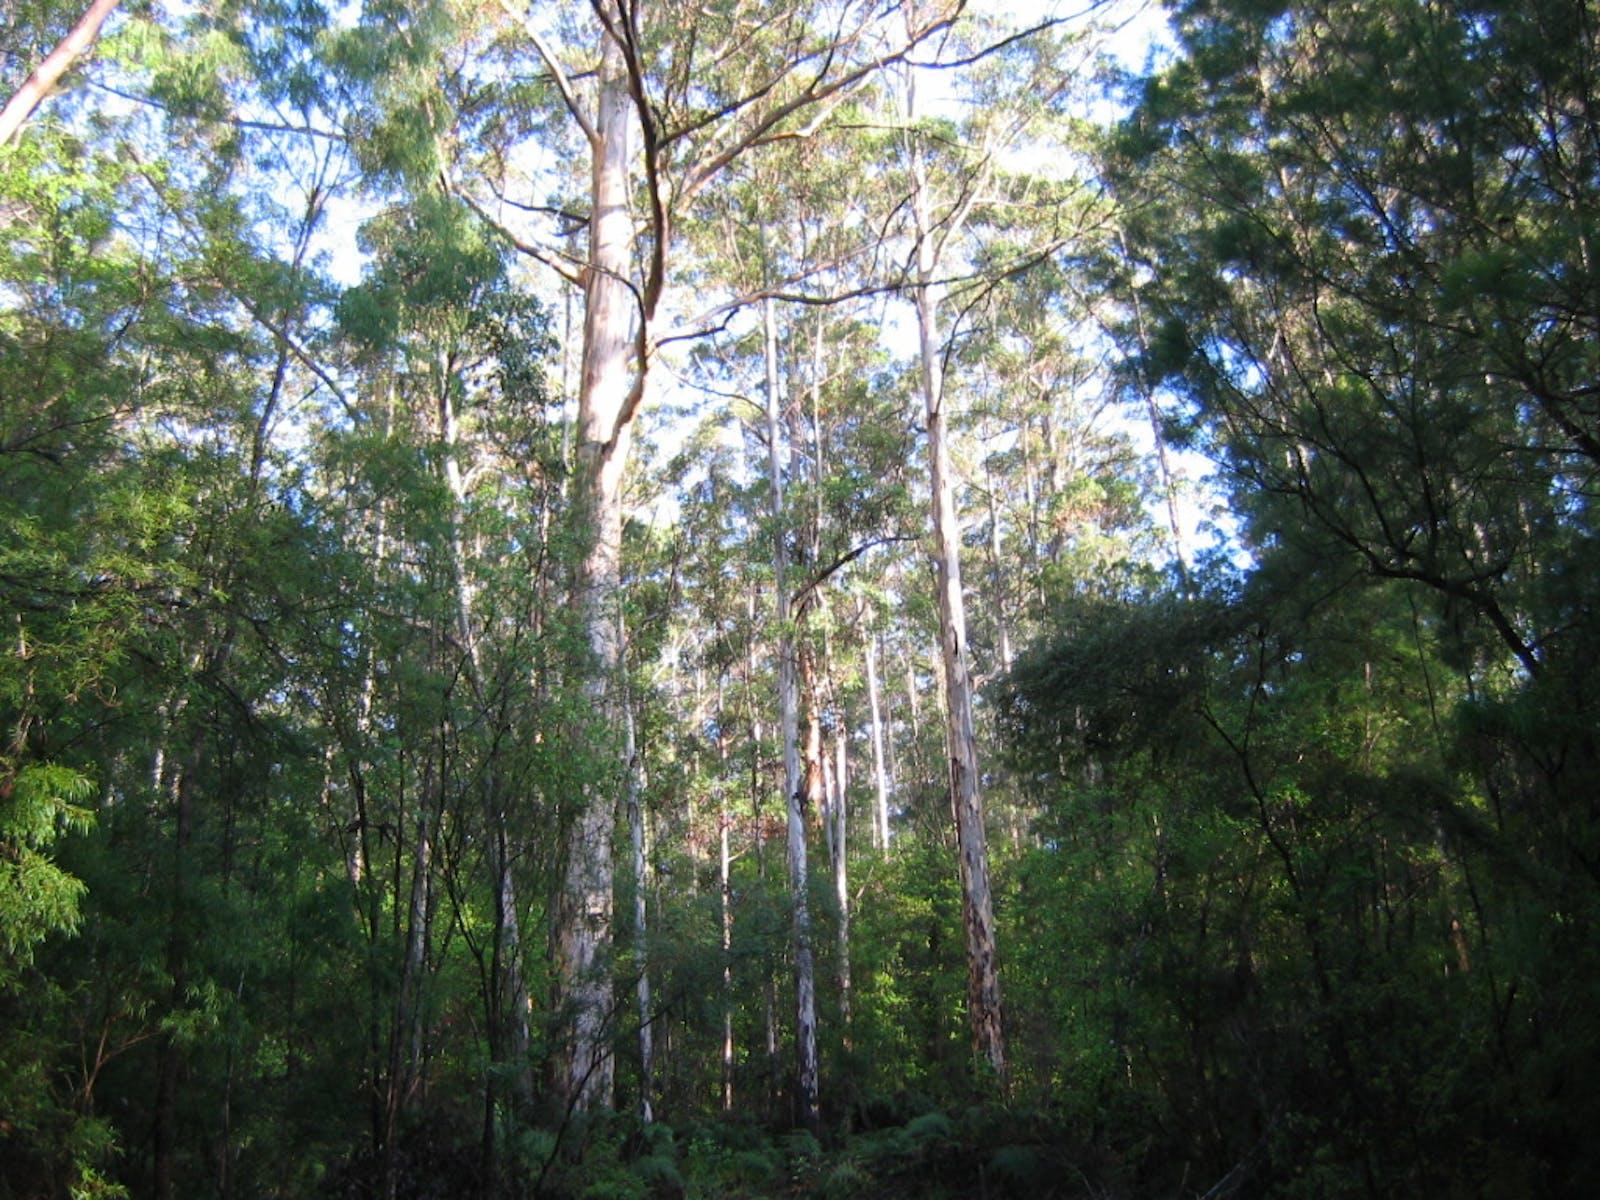 Jarrah-Karri Forest and Shrublands